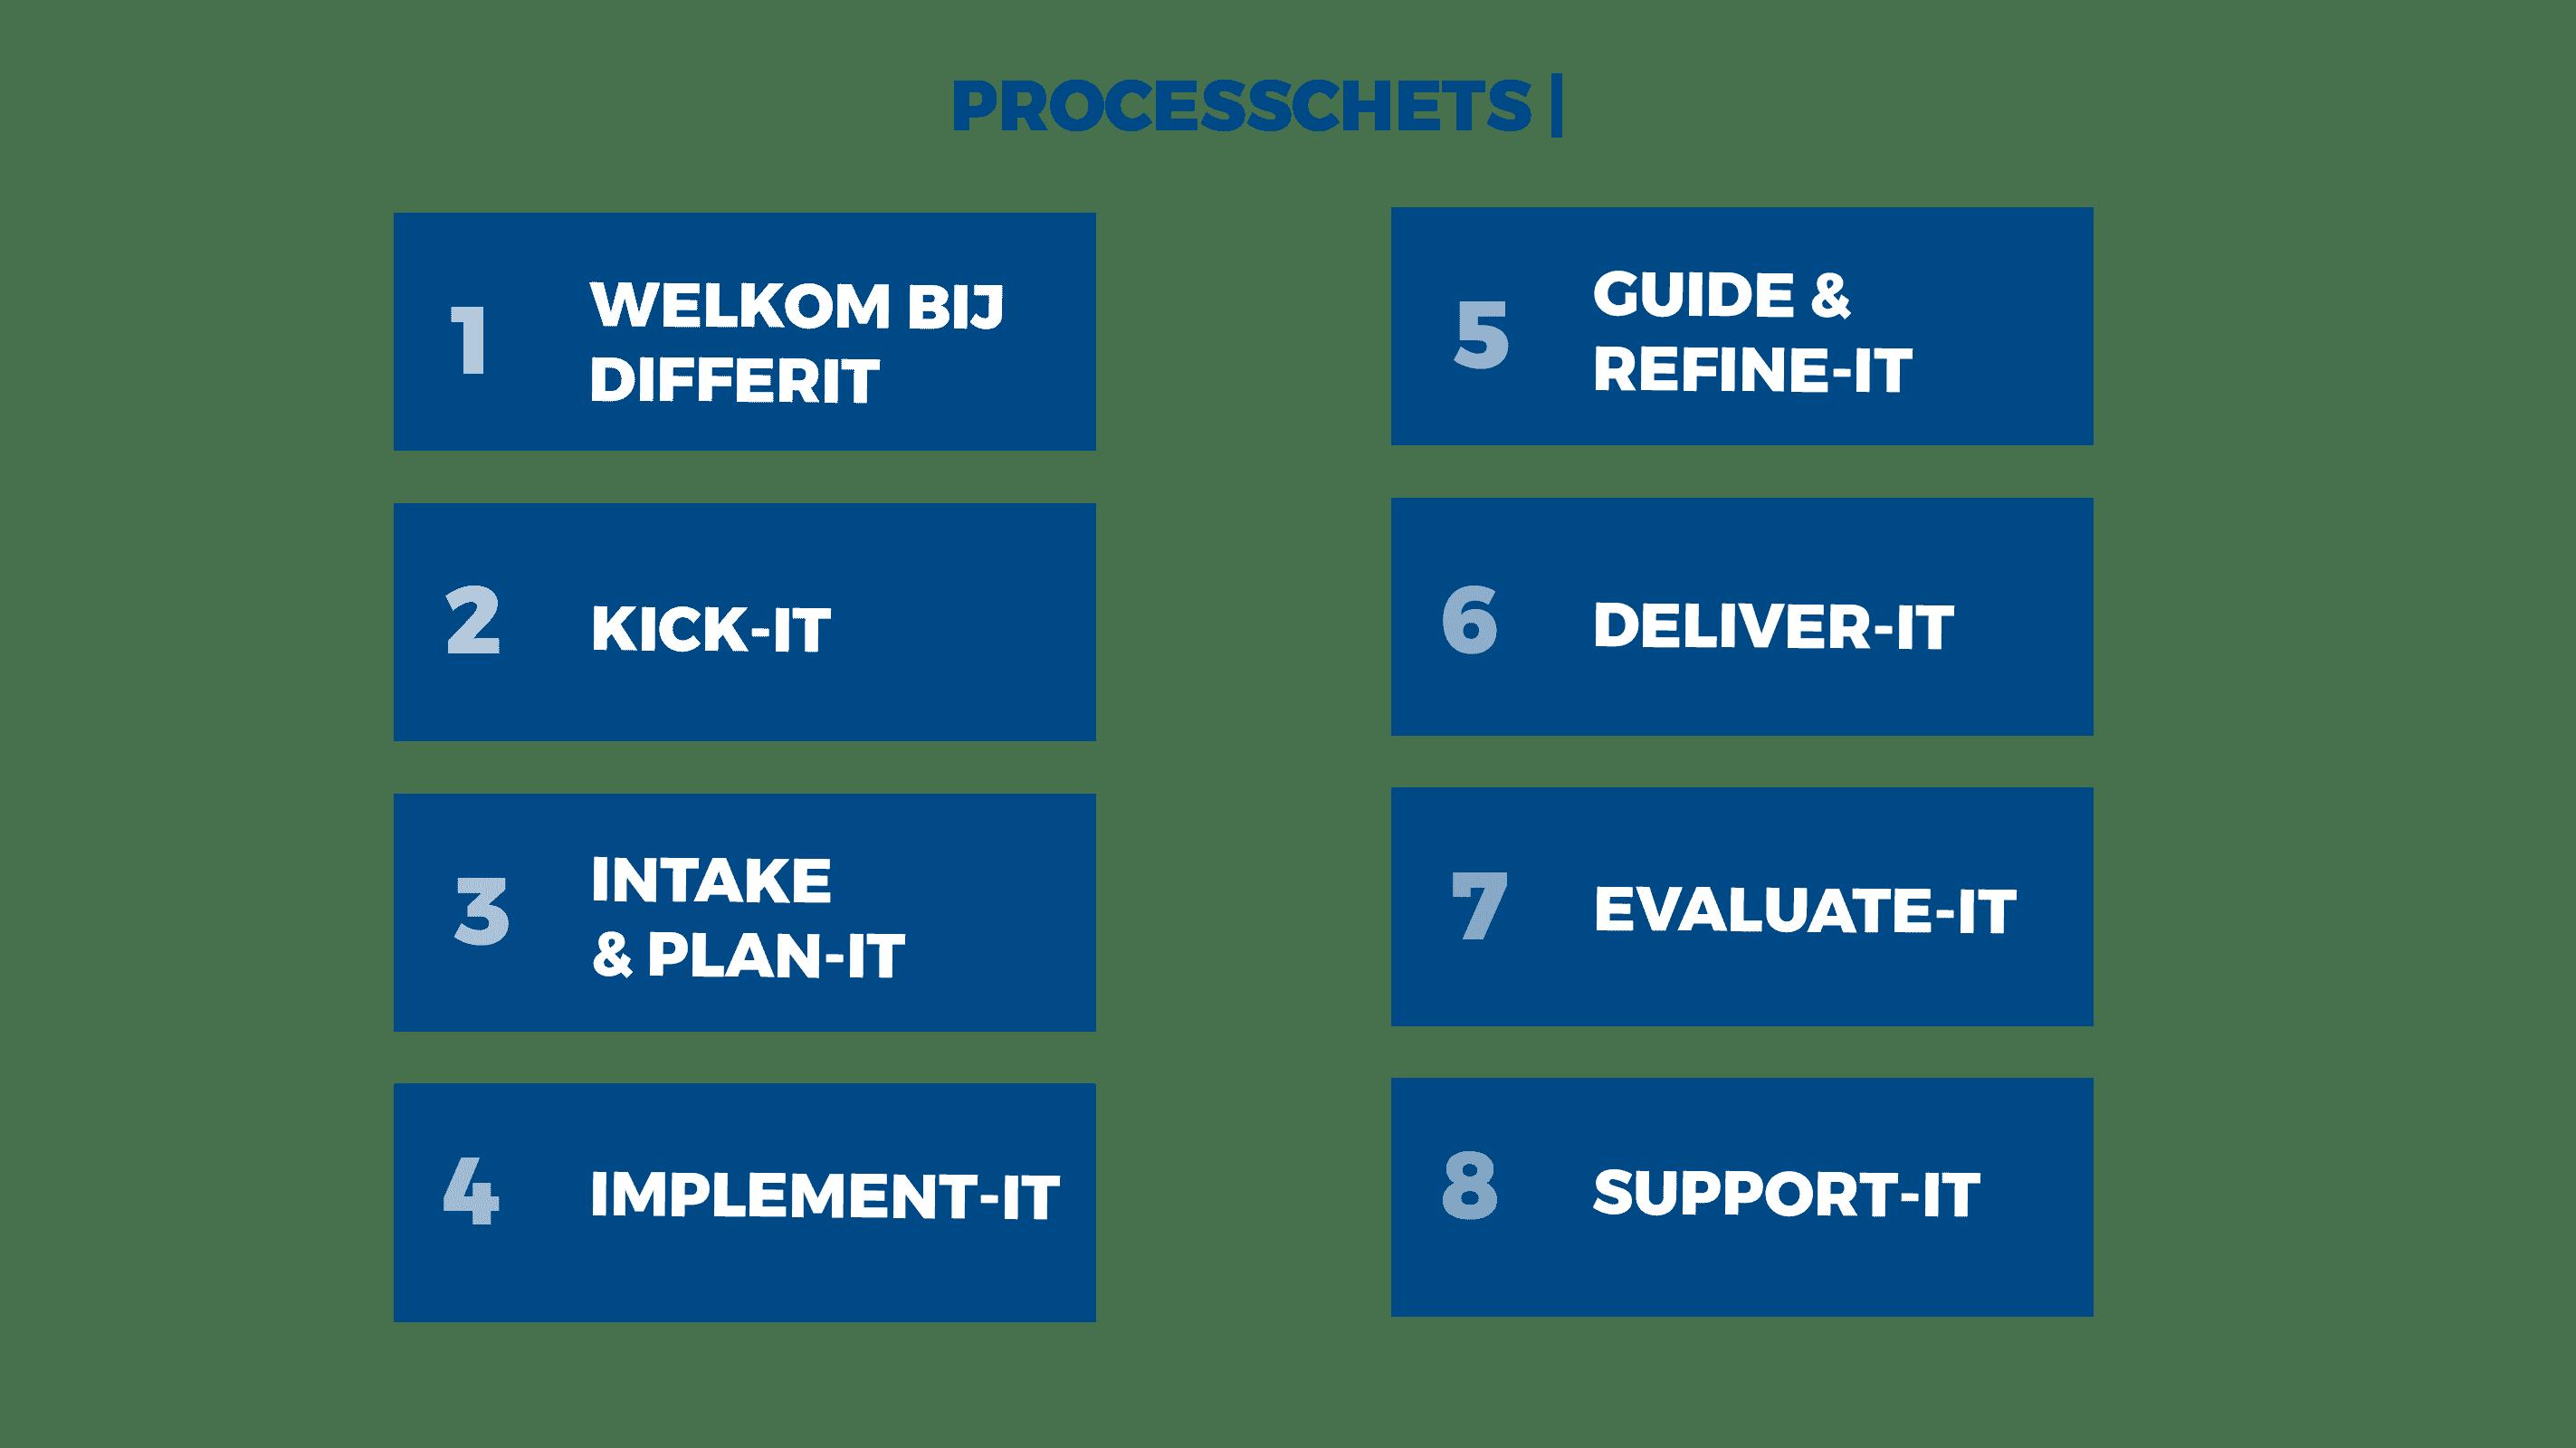 Processchets